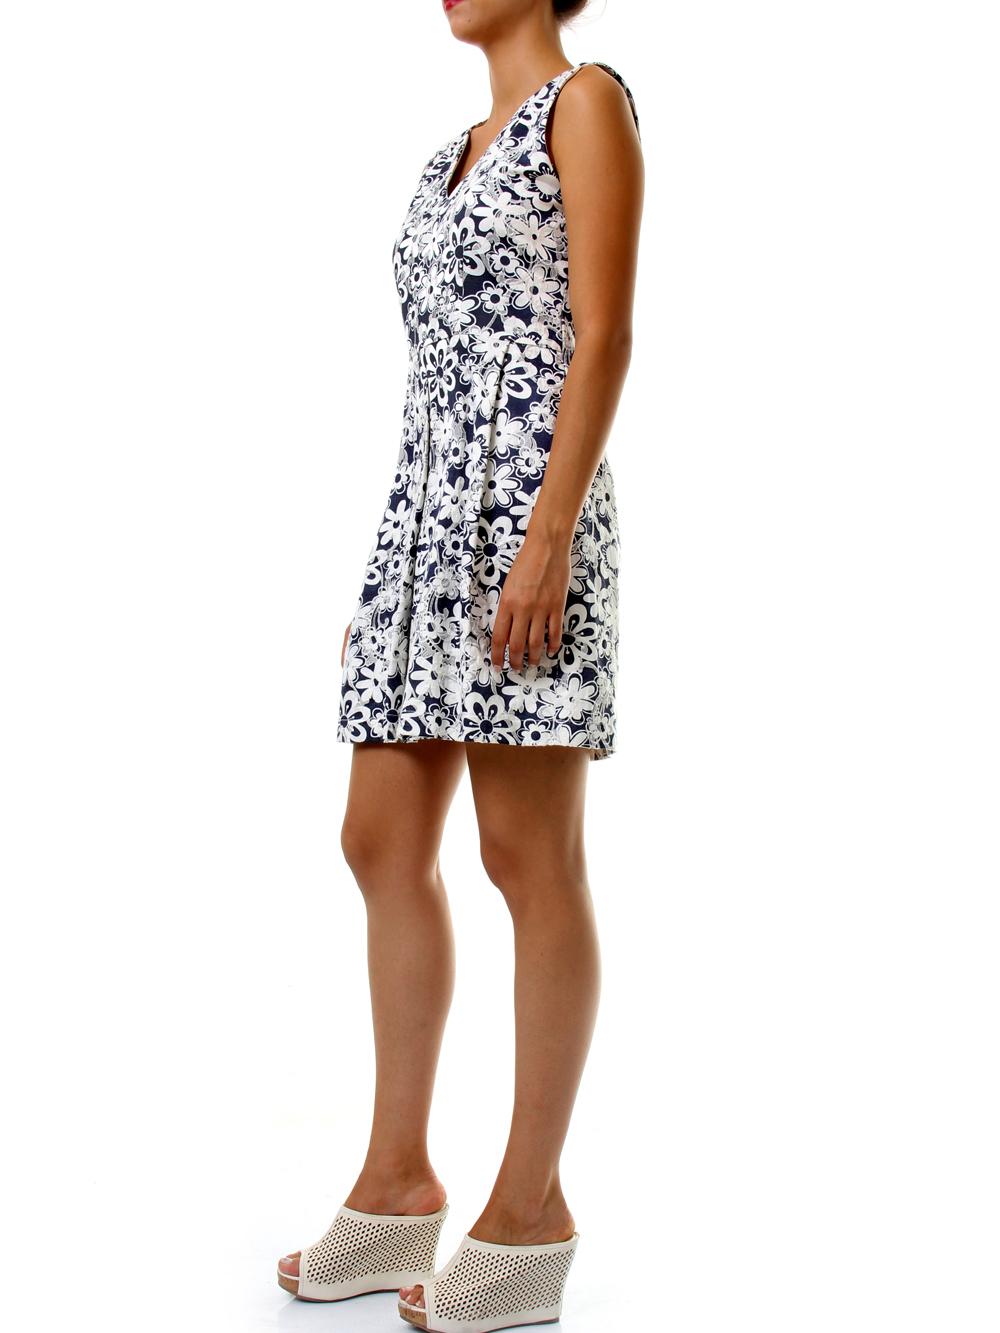 a5e2f05ccd54d Ürün Adı: Yazlık Elbise Kalıbı K-7130 Beden:34/44